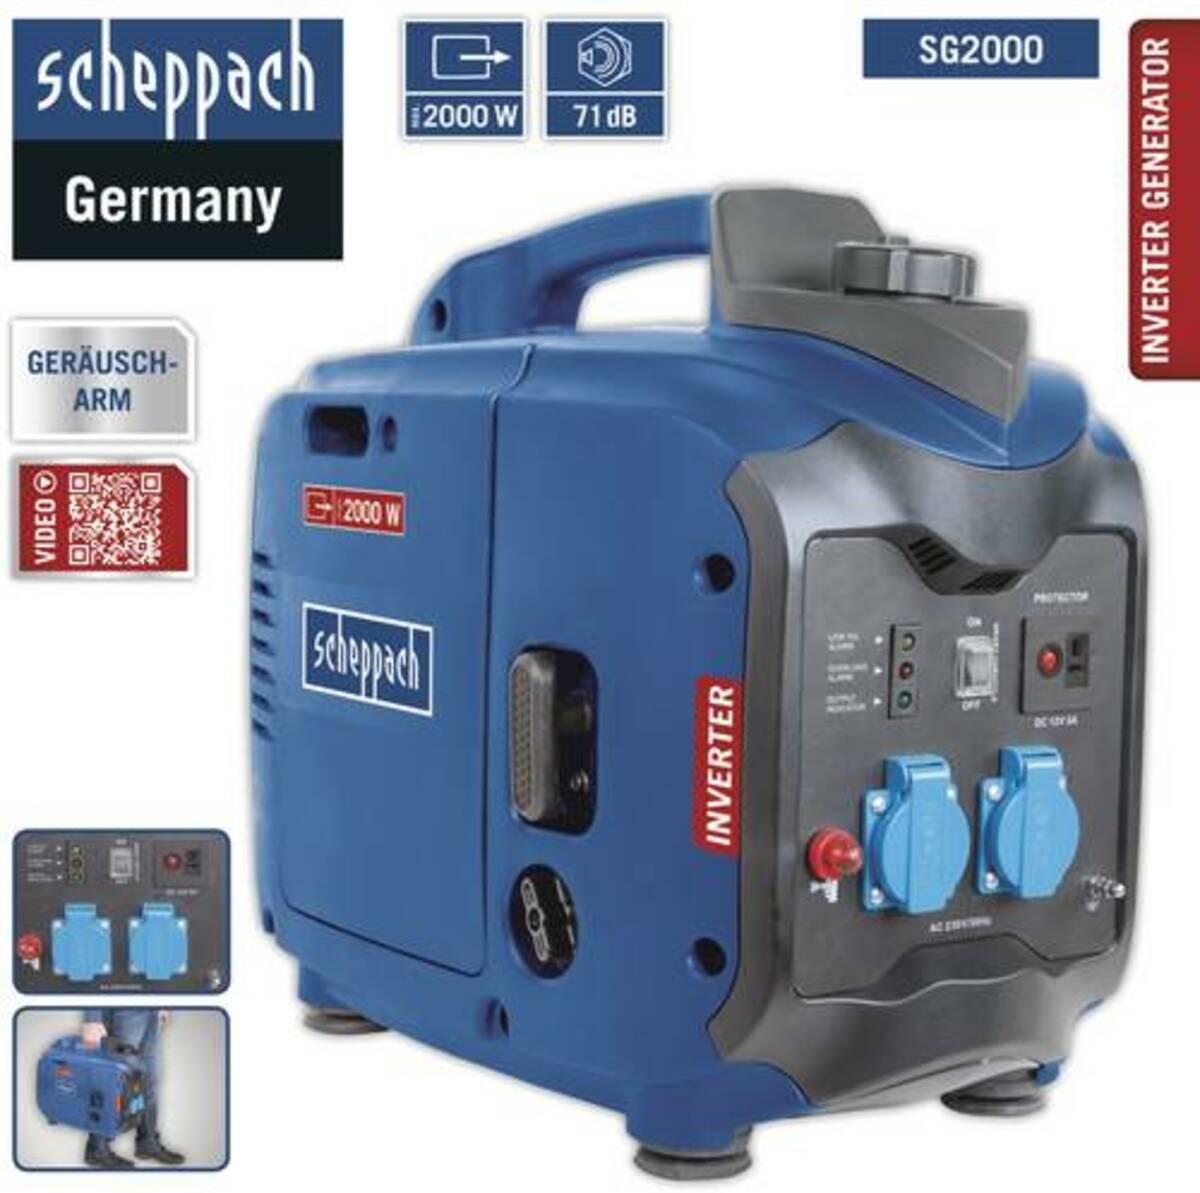 Bild 2 von Scheppach SG2000 Inverter Stromerzeuger 2000 W blau